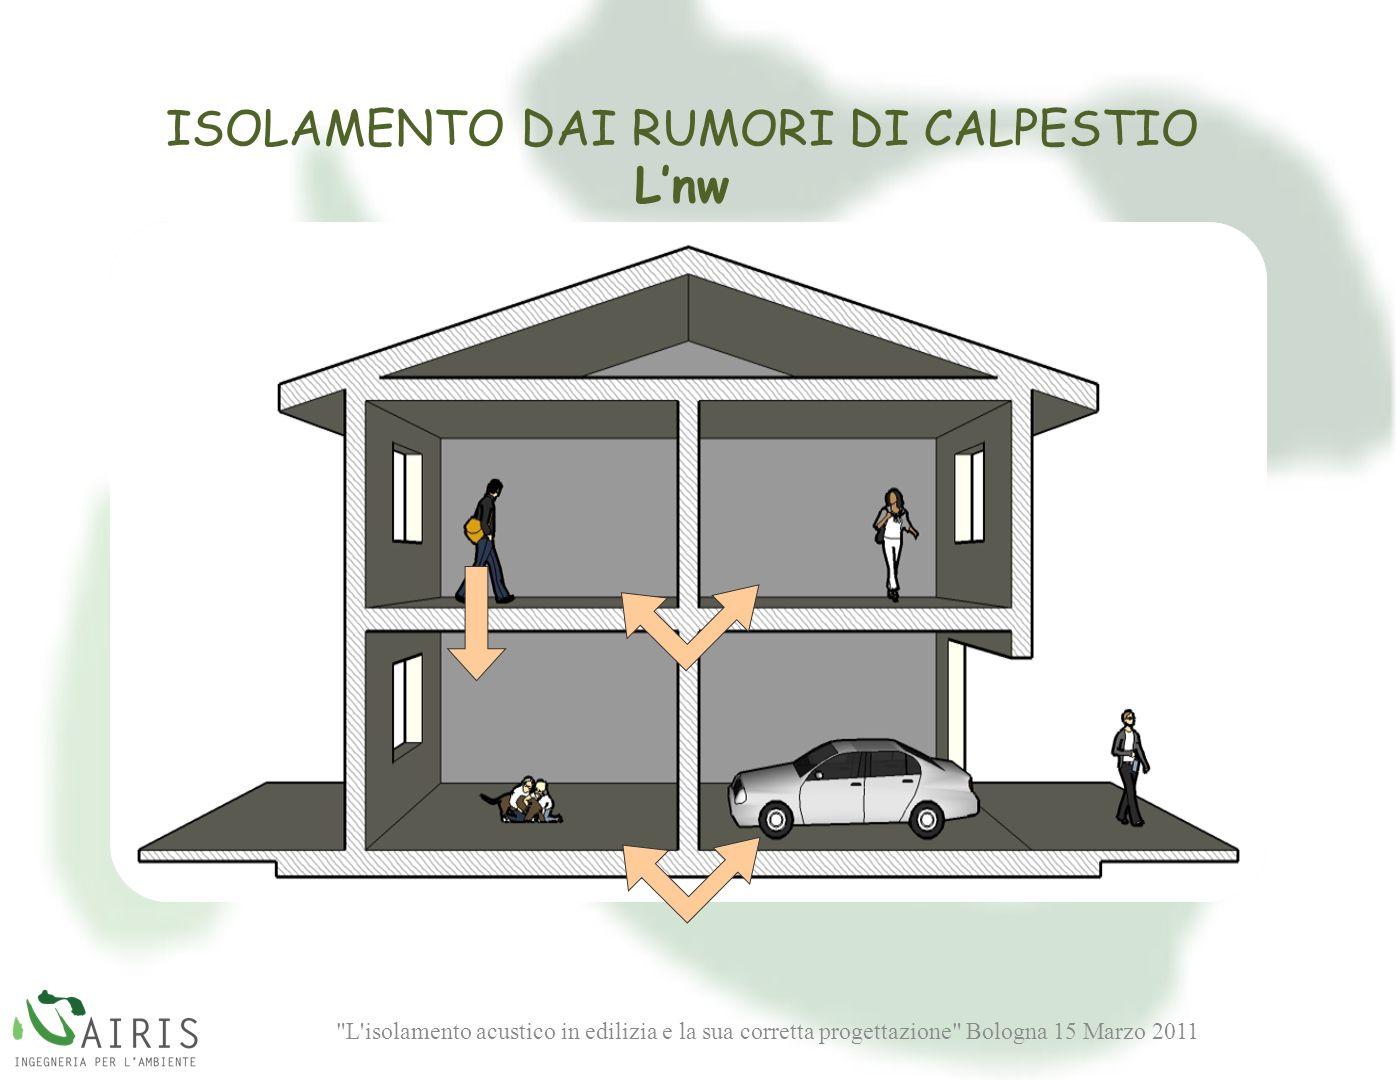 L isolamento acustico in edilizia e la sua corretta progettazione Bologna 15 Marzo 2011 ISOLAMENTO DAI RUMORI DI CALPESTIO Lnw